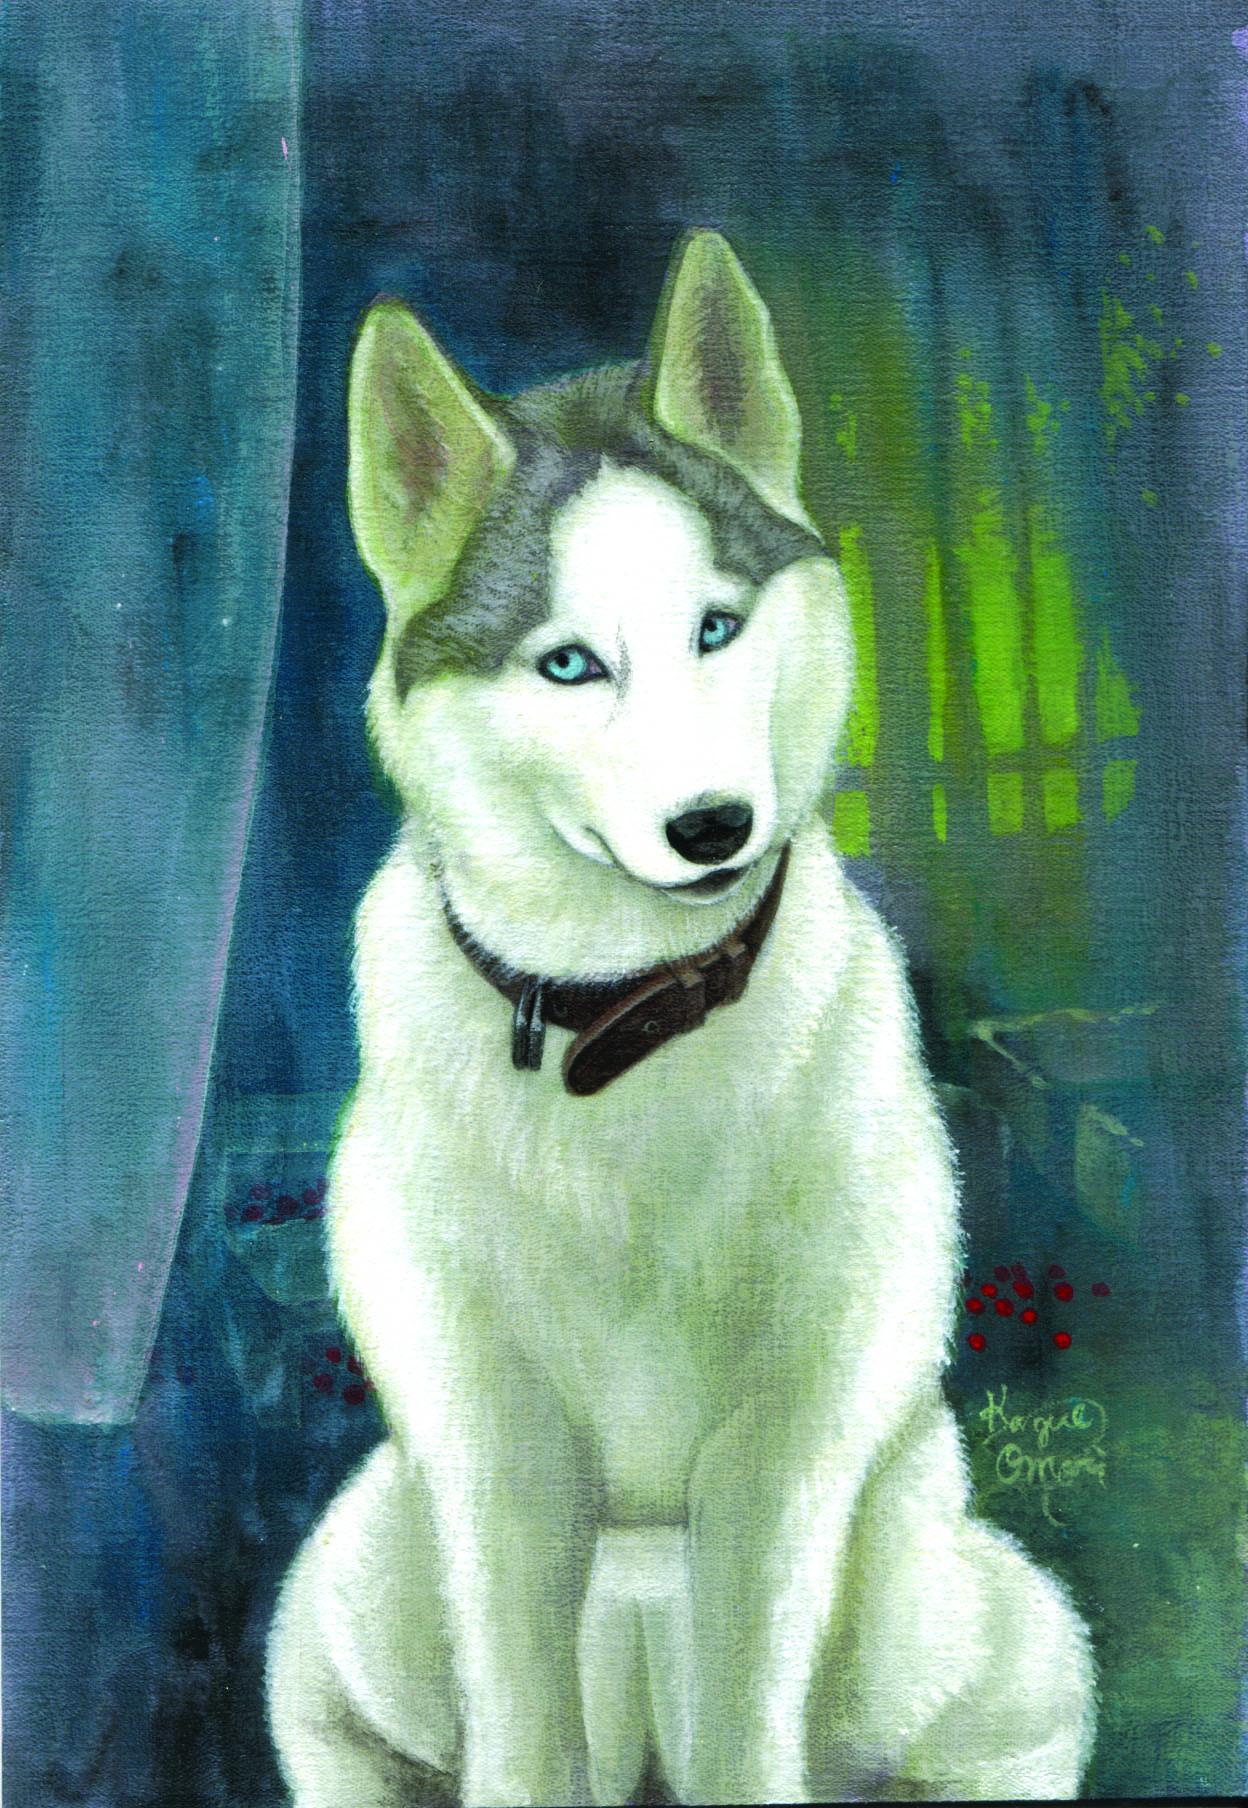 アクリル画 動物画 絵画 ペット画 ハスキー 美術 絵 アート